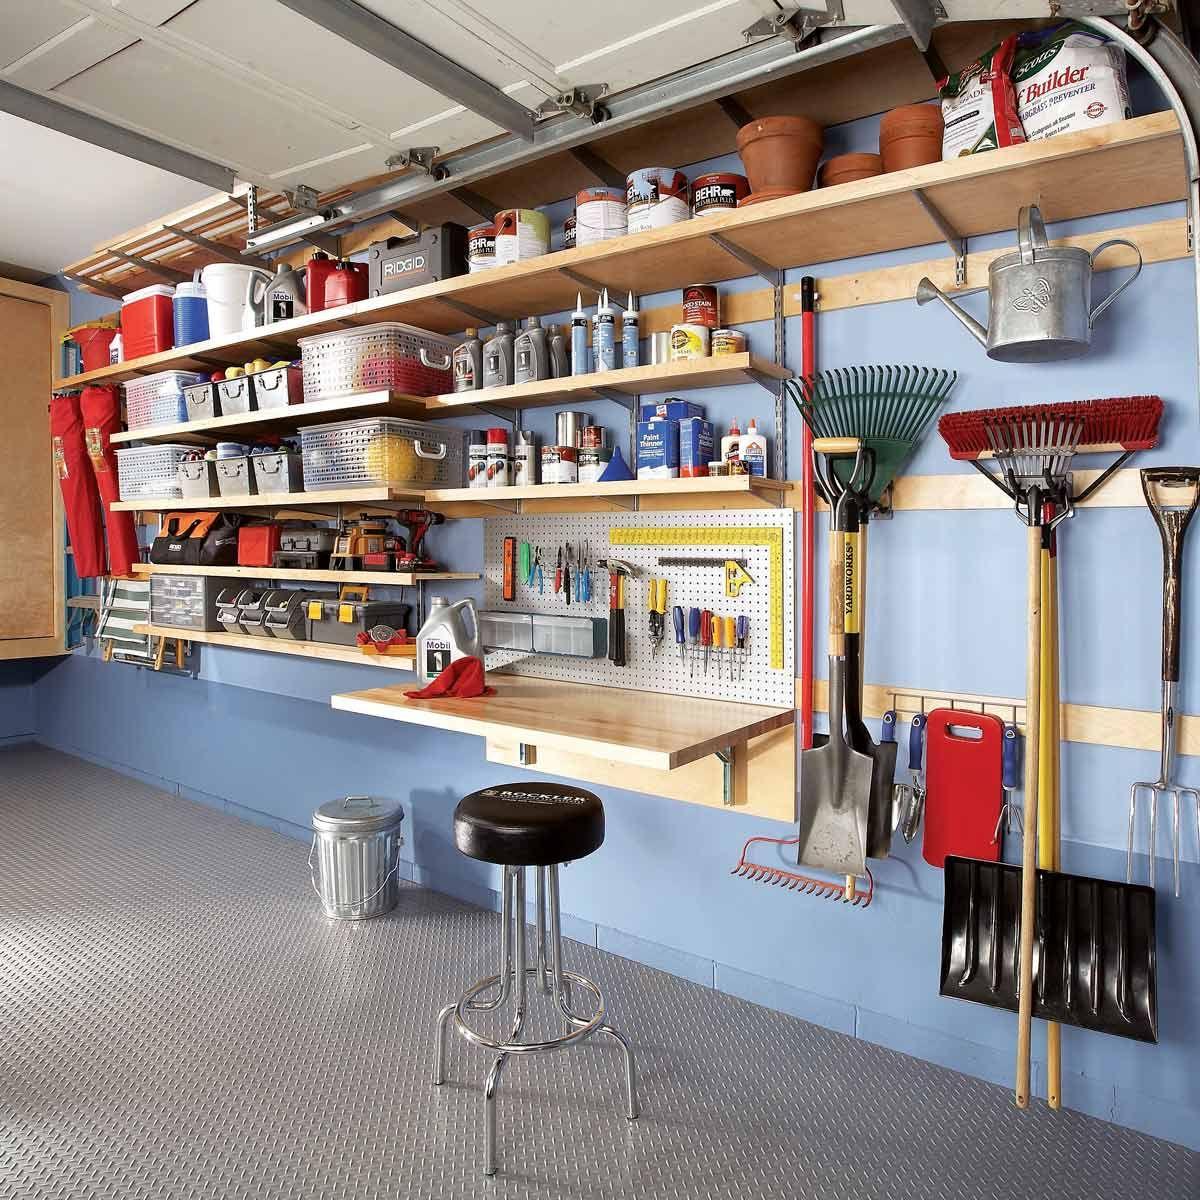 51 Brilliant Ways To Organize Your Garage Garage Wall Storage Garage Storage Shelves Diy Garage Shelves